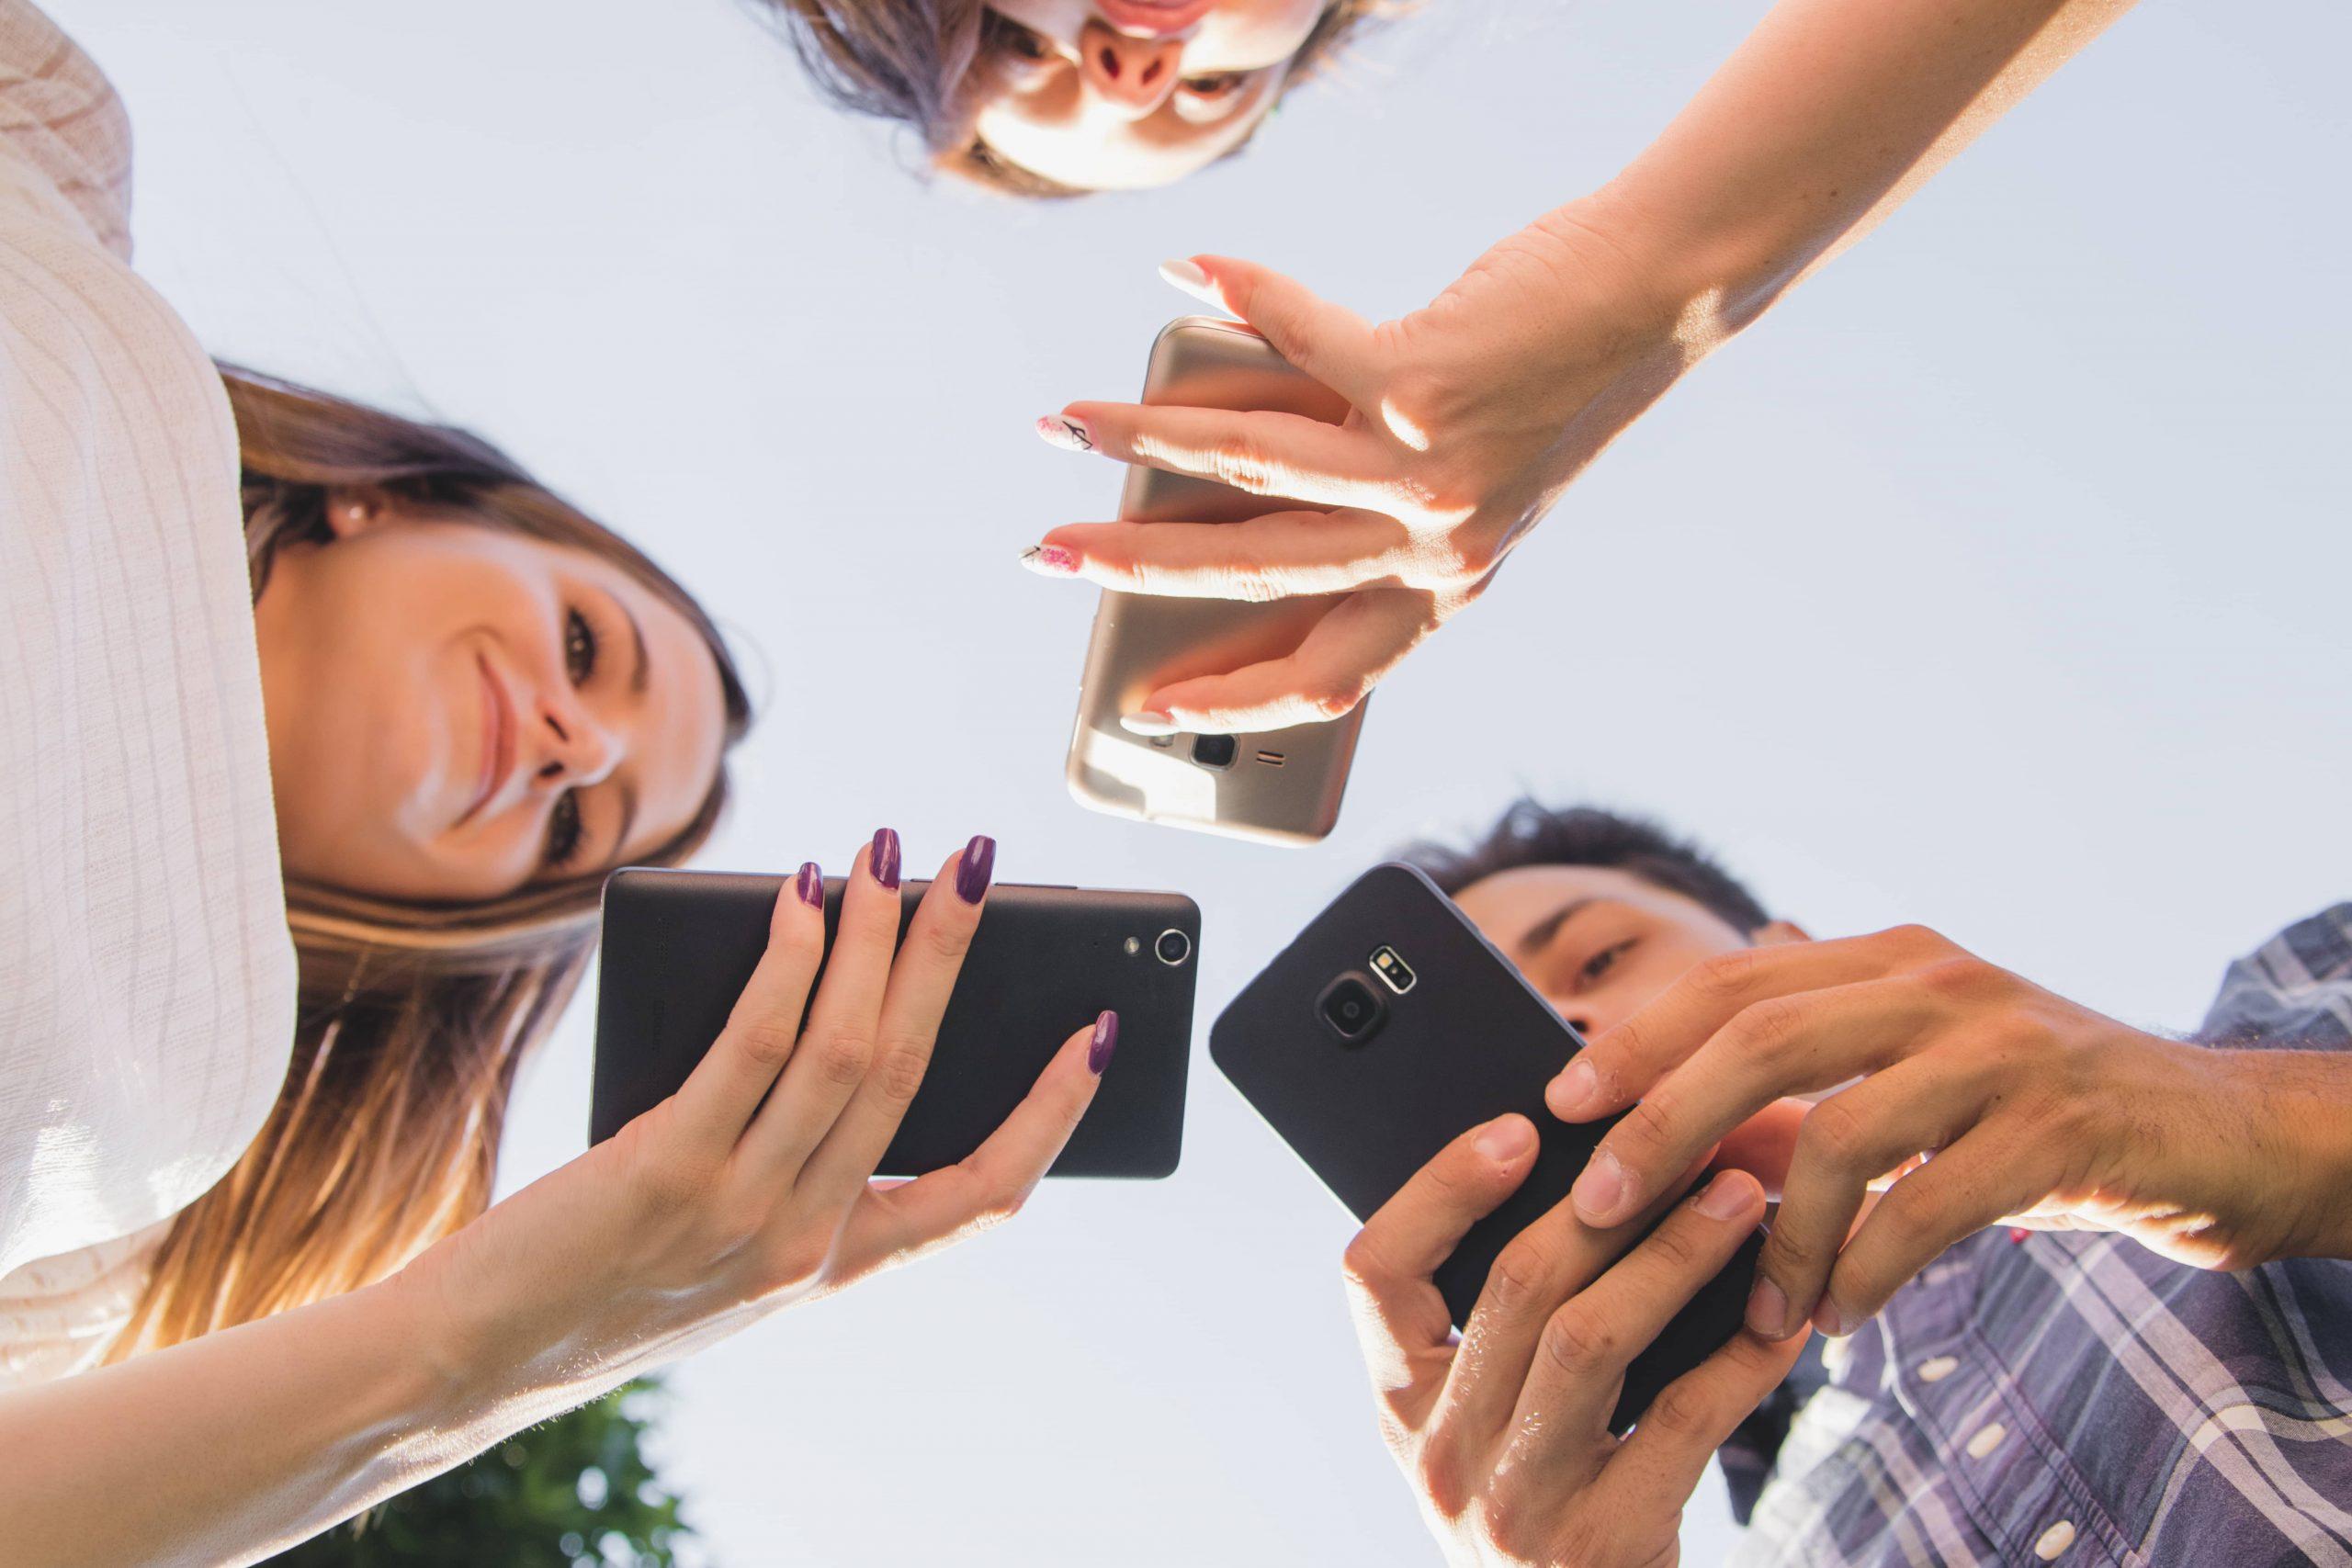 Como afectan las Redes Sociales a los adolescentes